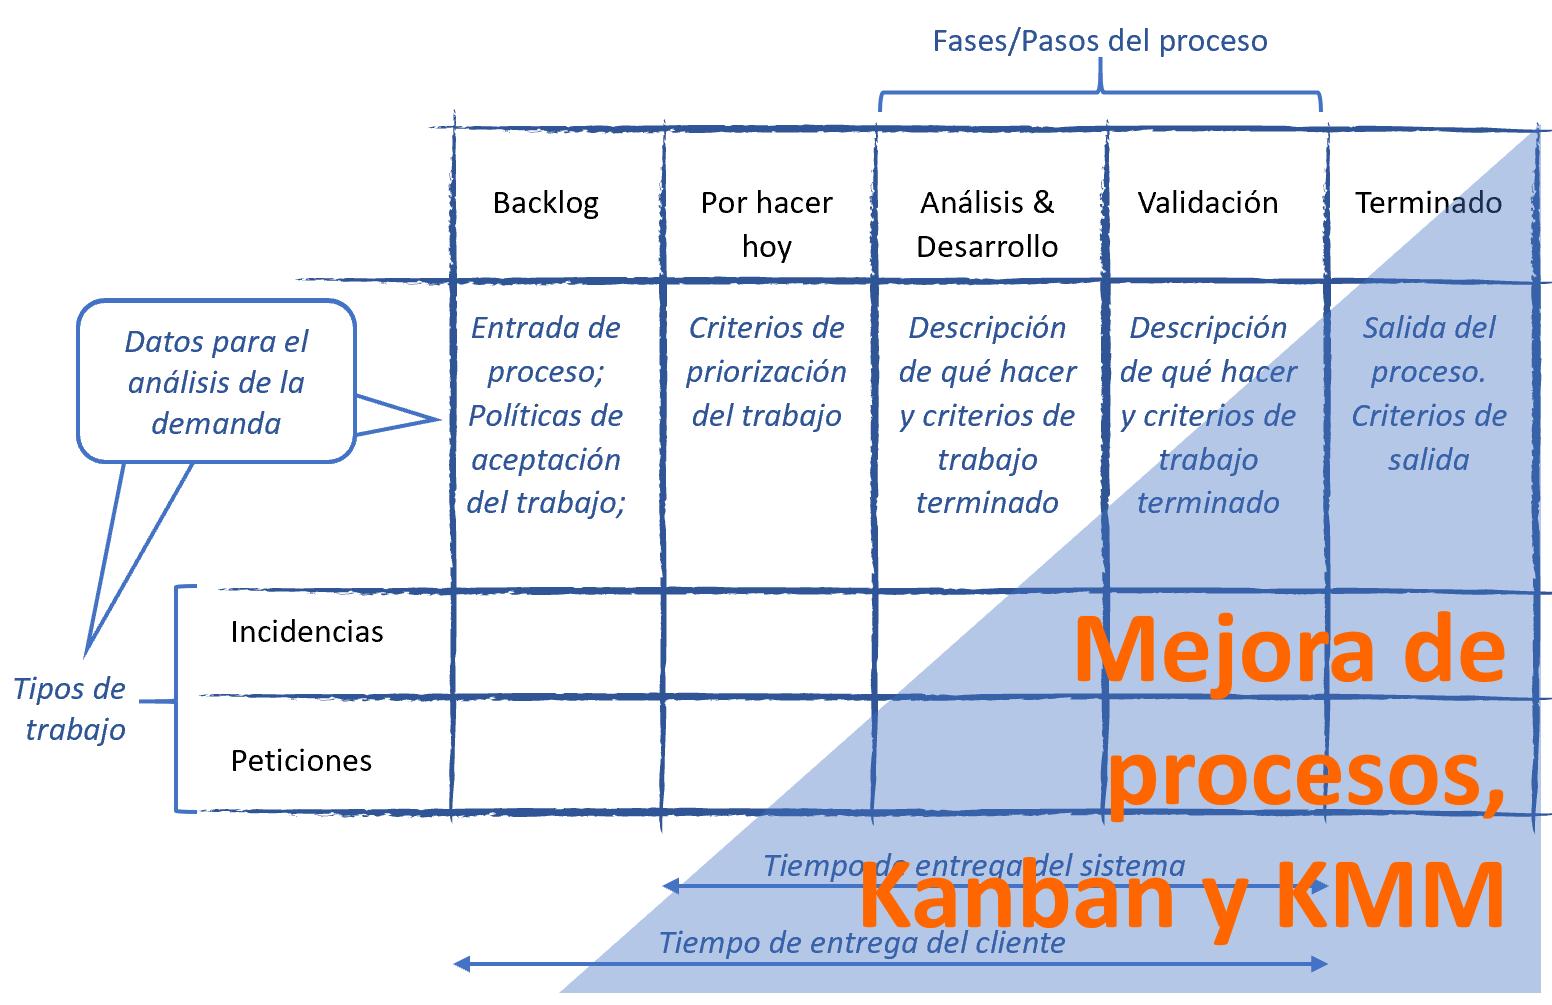 Titulo Mejora Proceso Kanban